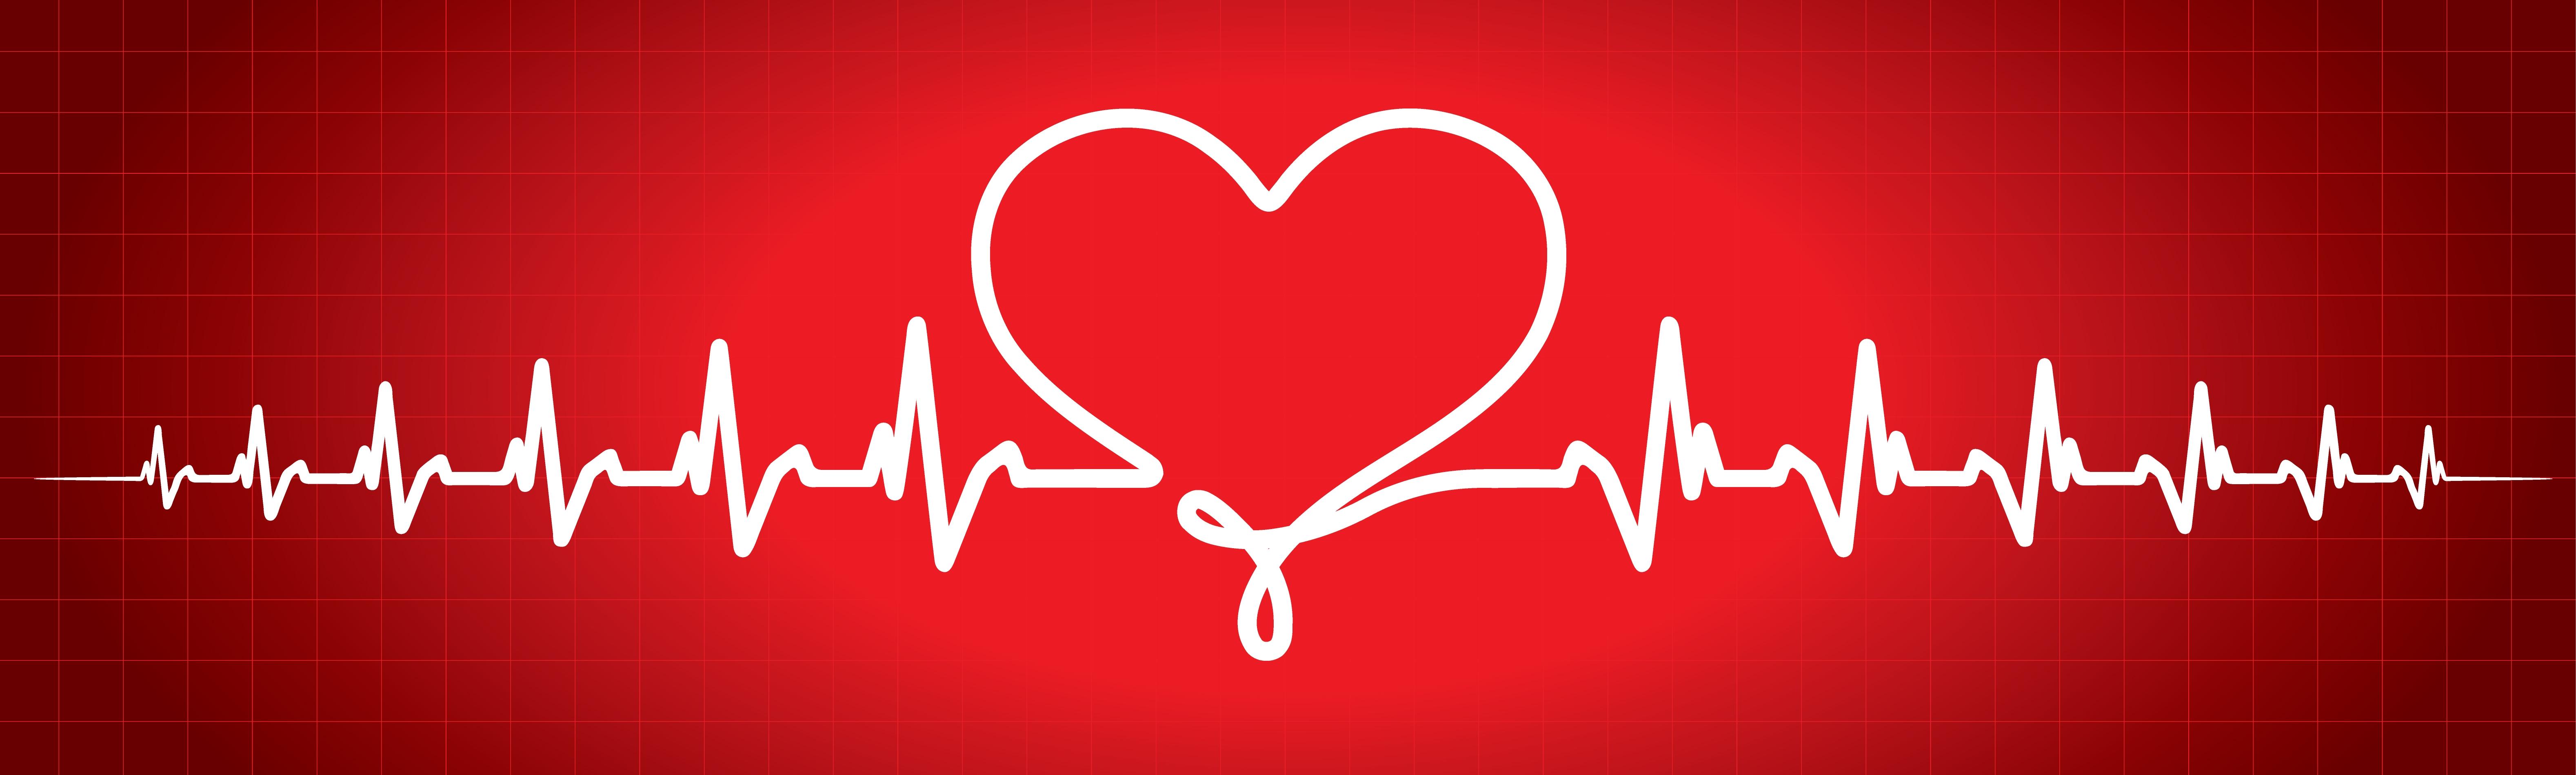 Lines clipart heart rate Line EKG Download Clipart Art